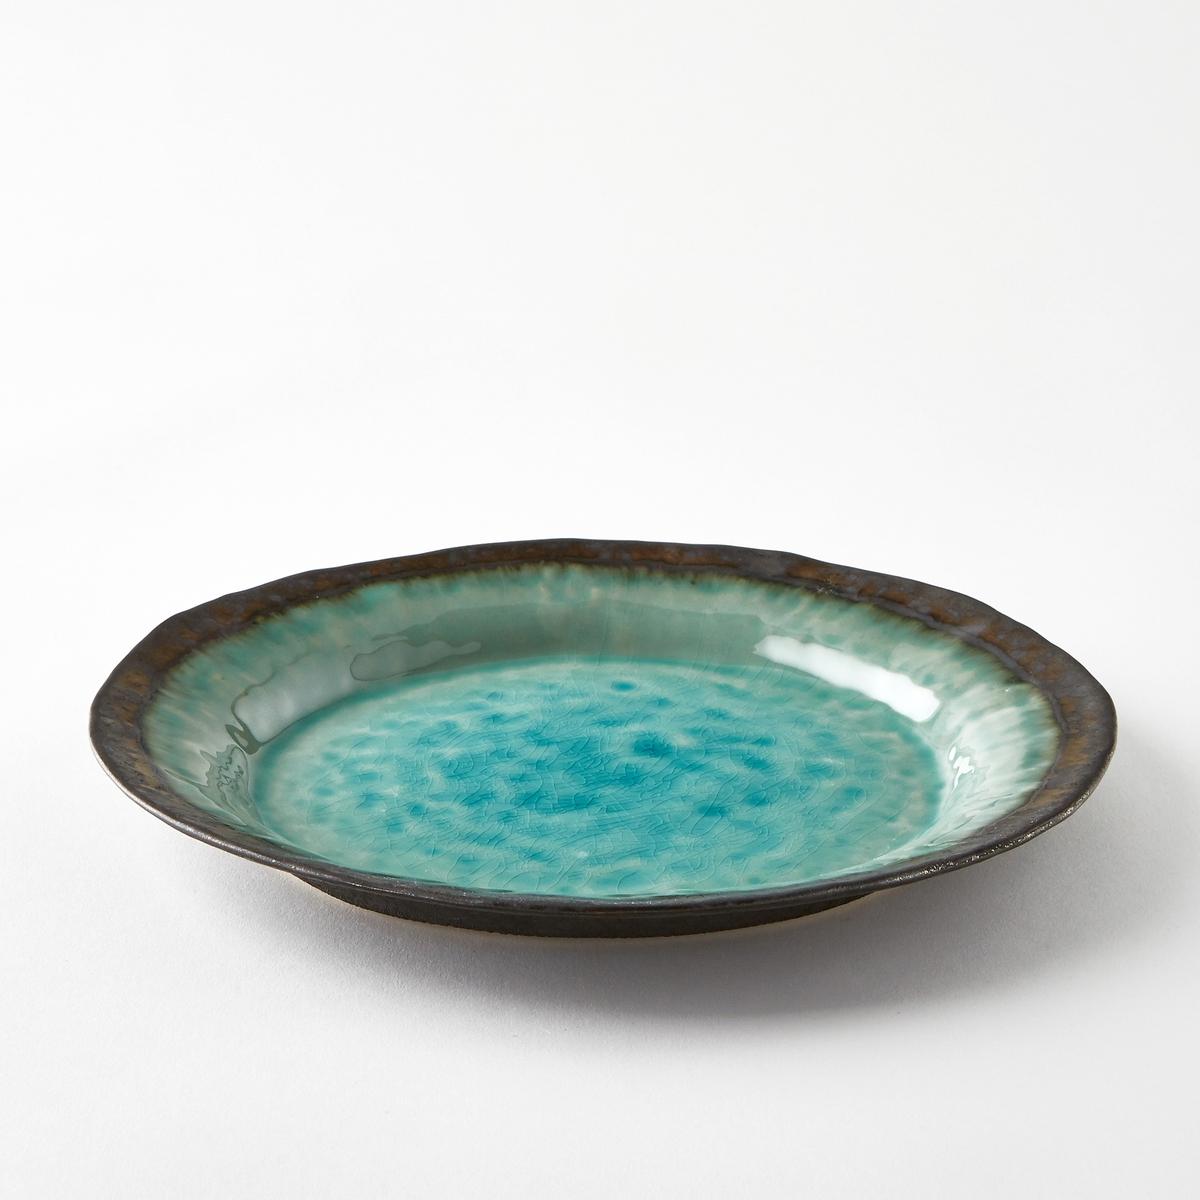 Тарелка мелкая из керамики, покрытой глазурью, AltadillМелкая тарелка Altadill. Из керамики, покрытой глазурью бирюзового цвета, с красивой отделкой бронзового цвета с металлическим блеском. Ручная работа, каждое изделие уникально. Размеры  : диаметр 29 x высота 3 см.<br><br>Цвет: голубой бирюзовый